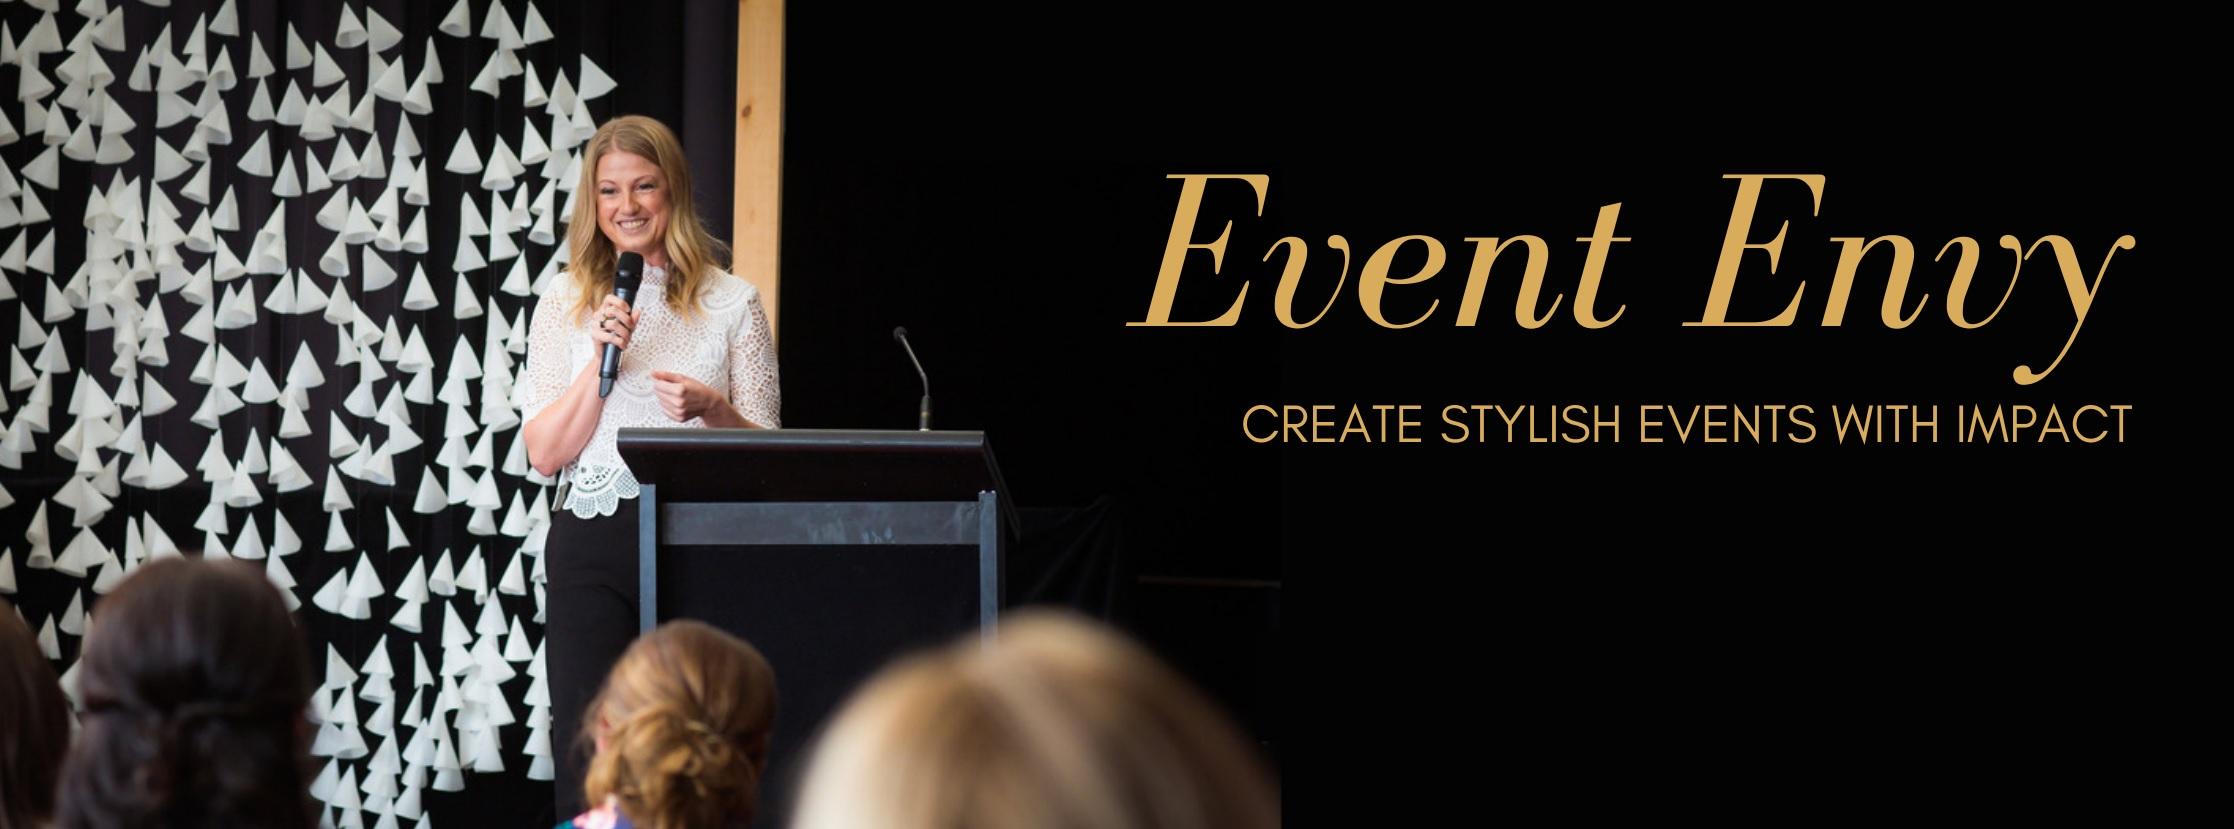 Event Envy.jpg